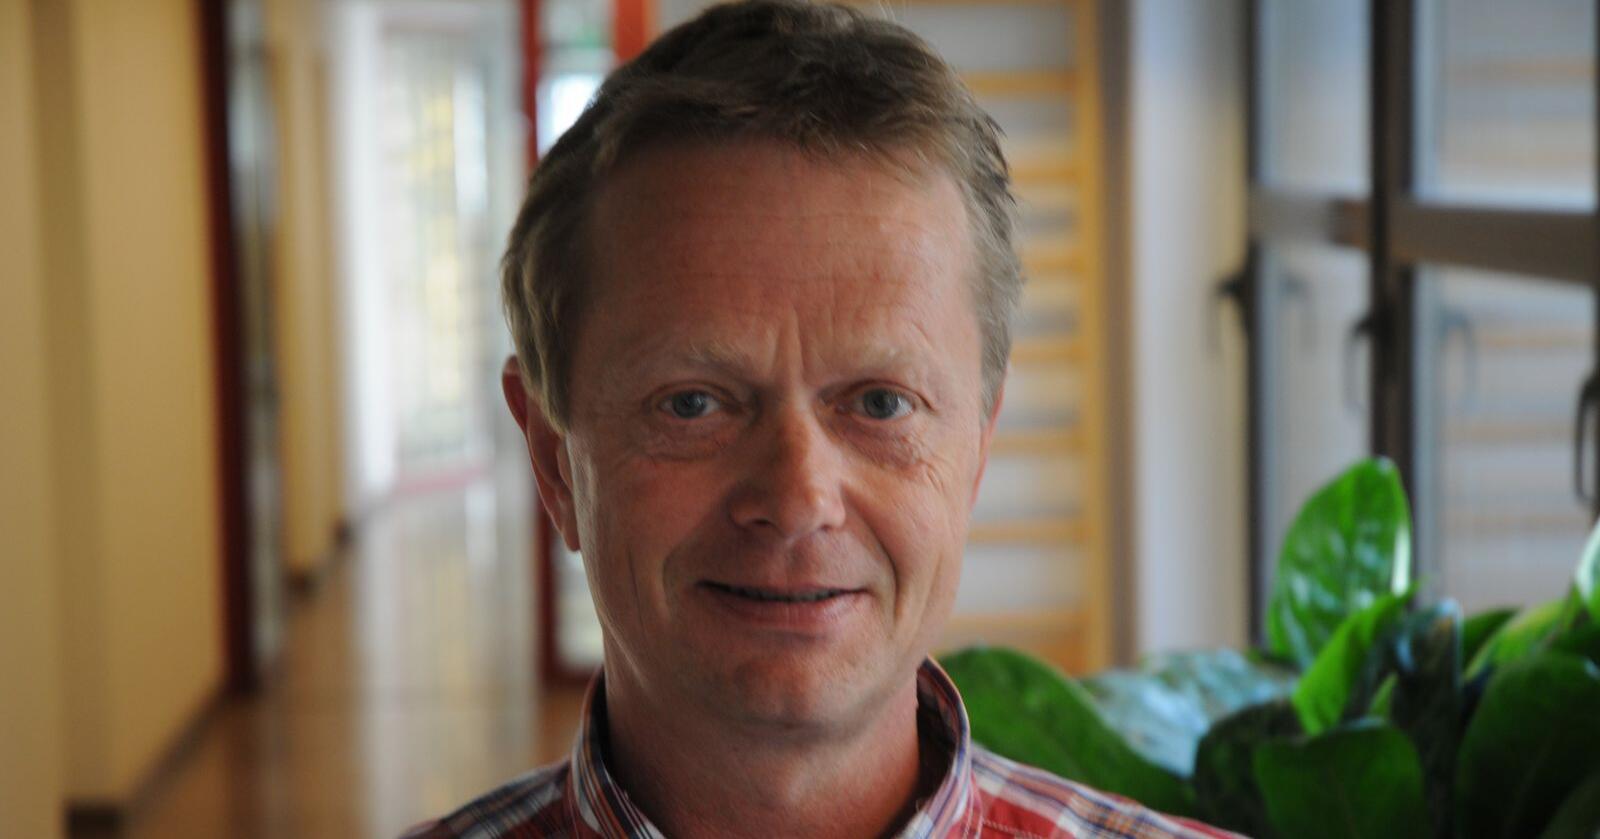 – Situasjonen er alvorlig for lokalmatbedrifter, landbrukstilknyttede reiselivsbedrifter, Inn på tunet-bedrifter og grønnsakprodusenter som mangler arbeidskraft, sier spesialrådgiver Kjell Bruvoll i Innovasjon Norge.